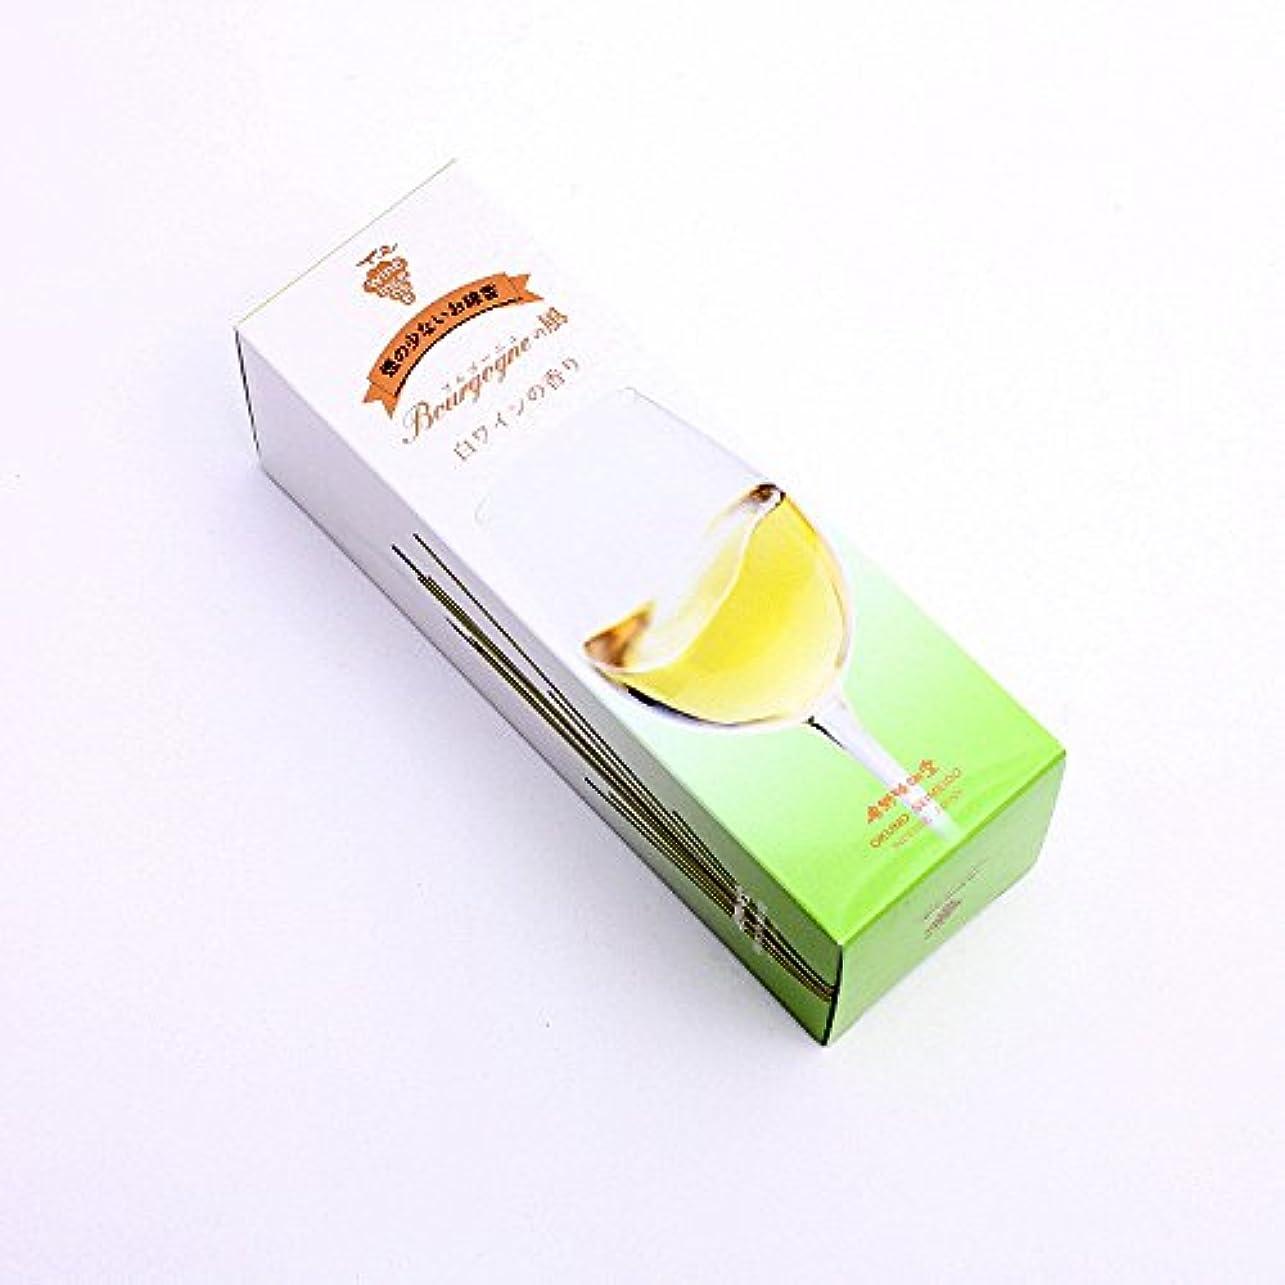 比類なきまでチケットワインの香りのお線香 奥野晴明堂 Bourgogne(ブルゴーニュ)の風 白ワインの香り 筒型1本入り 28-2 微煙タイプ